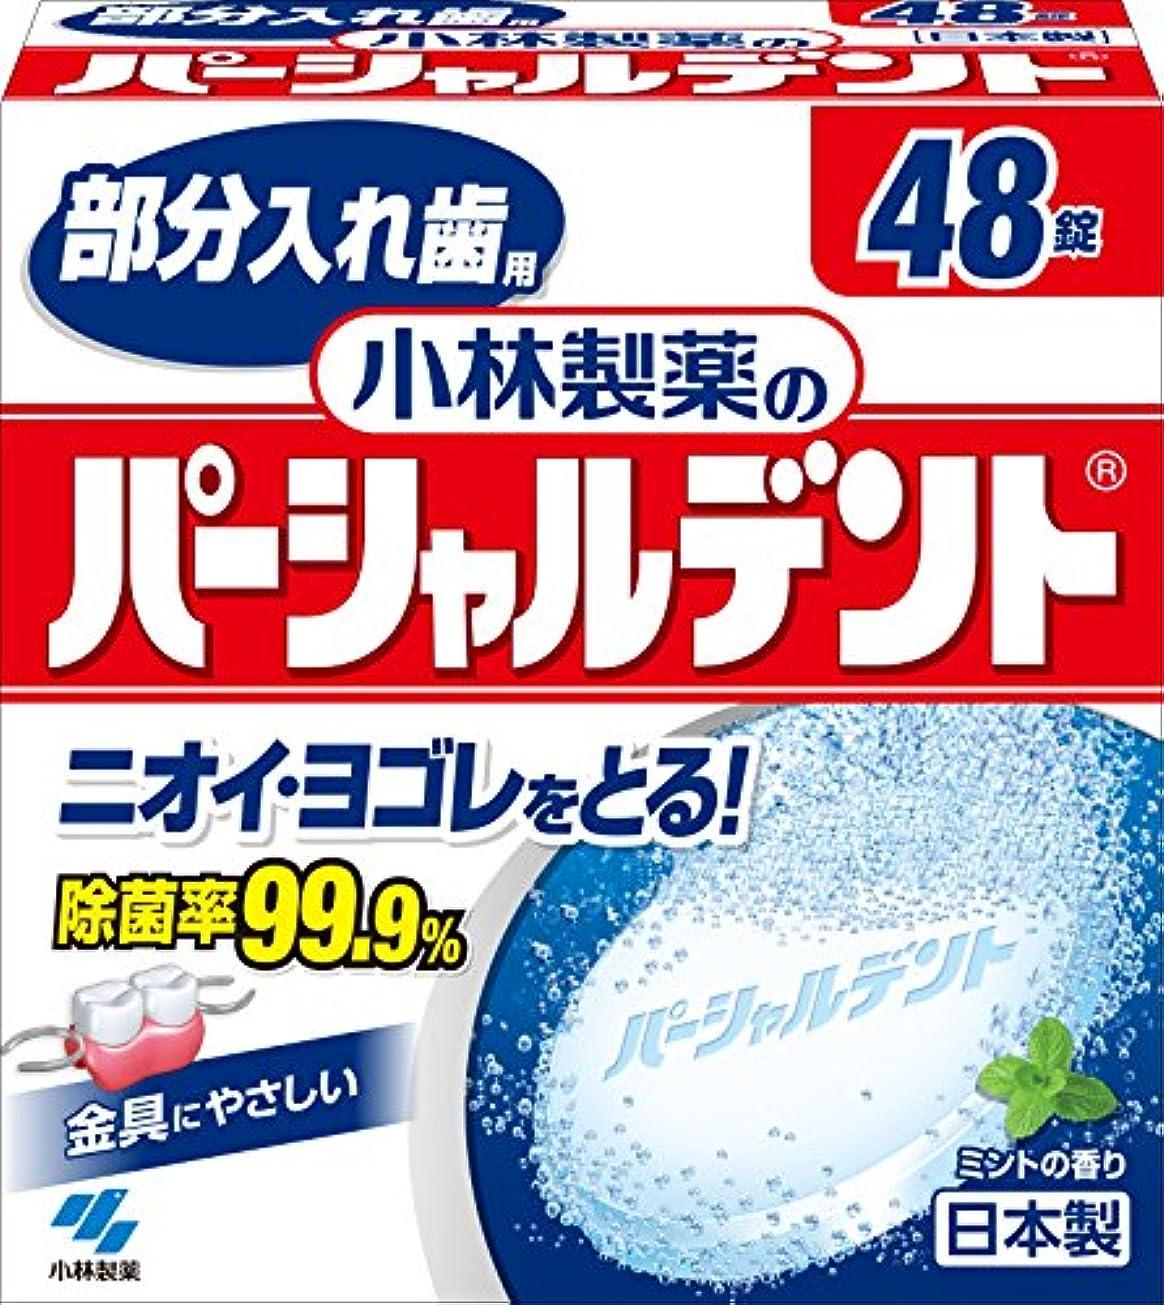 定常アンカー上級小林製薬のパーシャルデント 部分入れ歯用 洗浄剤 ミントの香 48錠